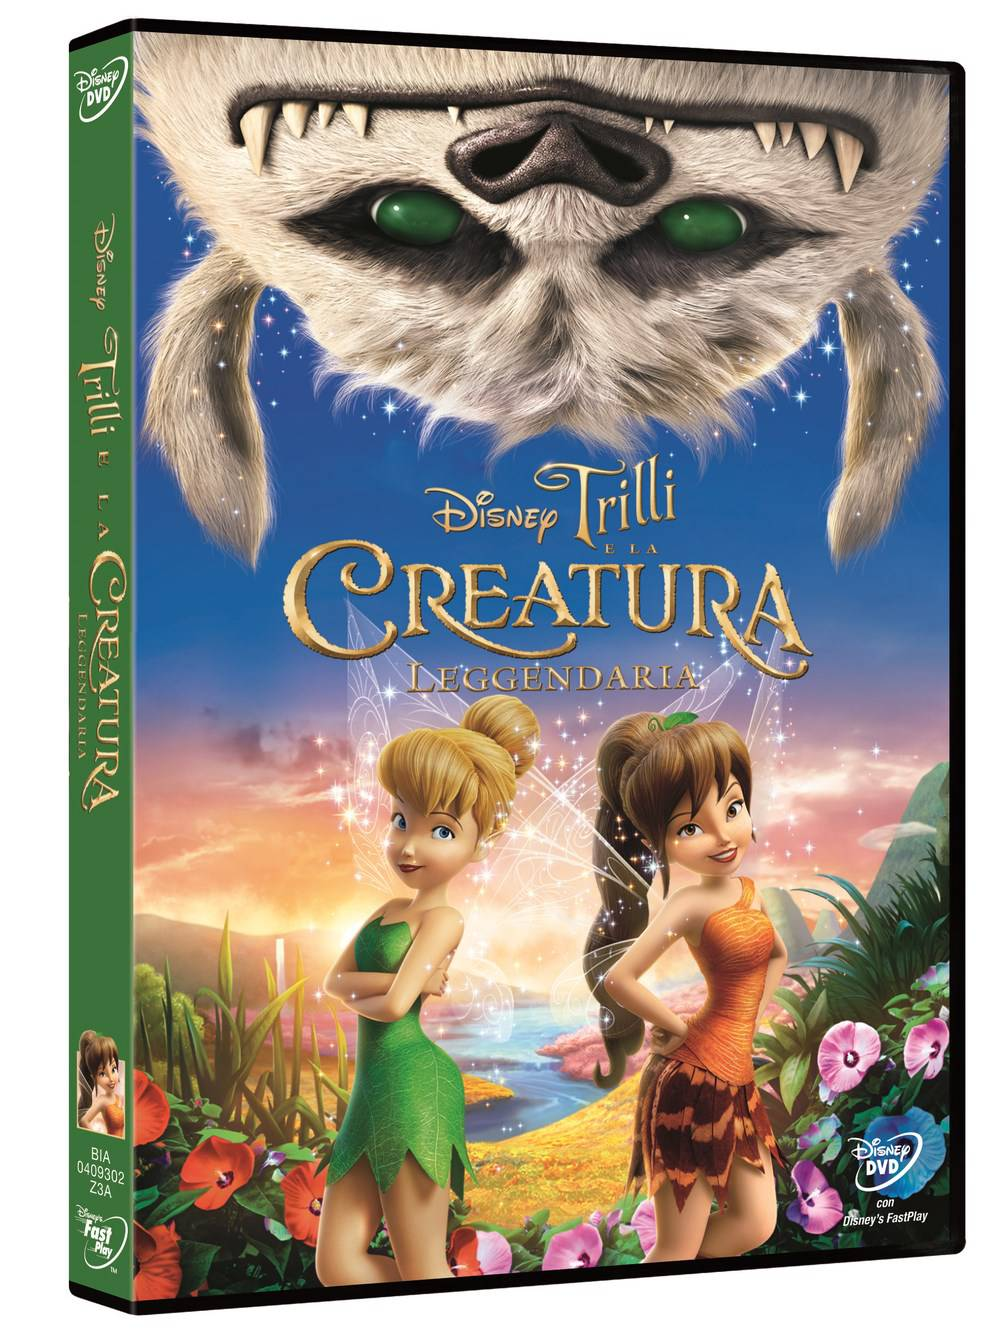 Trilli e la creatura leggendaria in dvd: recensione